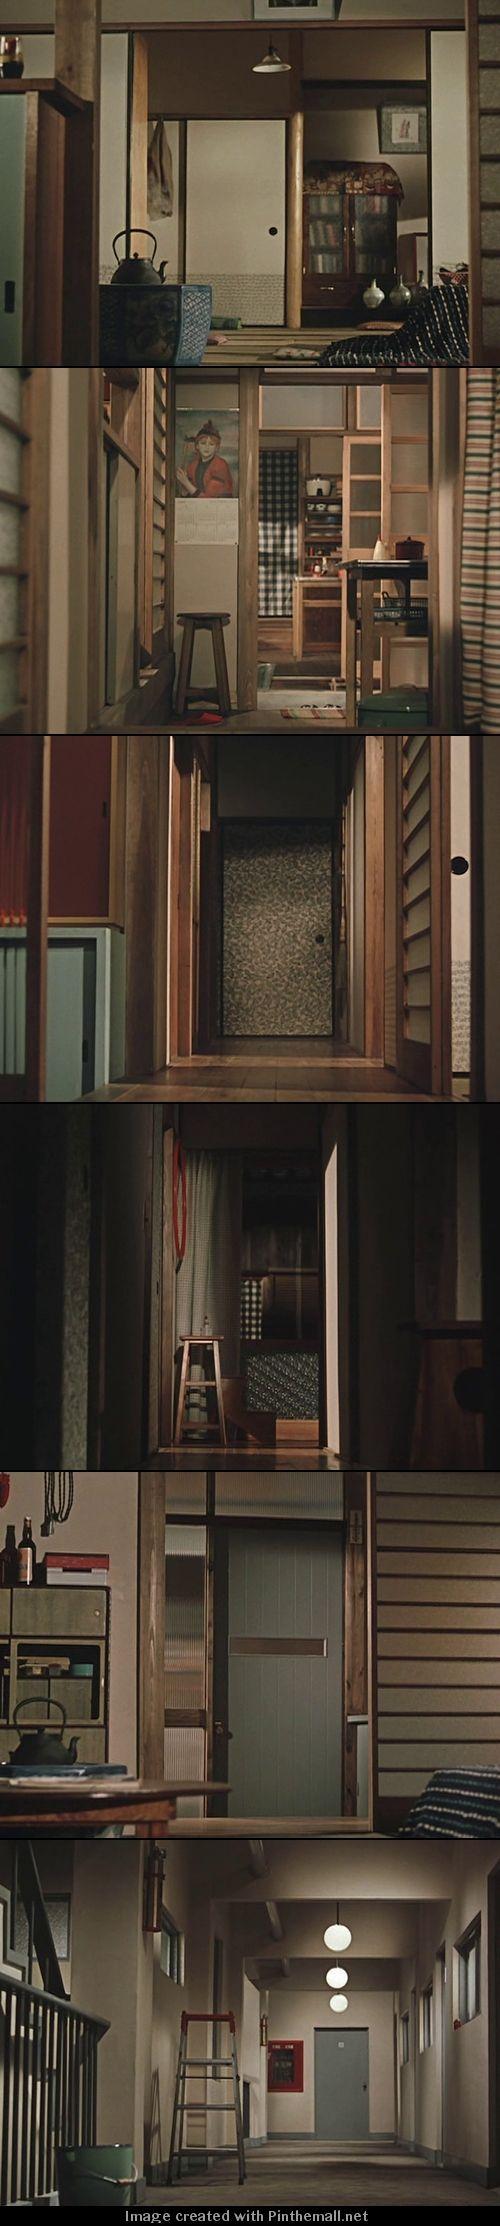 お早よう [Good Morning] (Yasujiro Ozu, 1959)